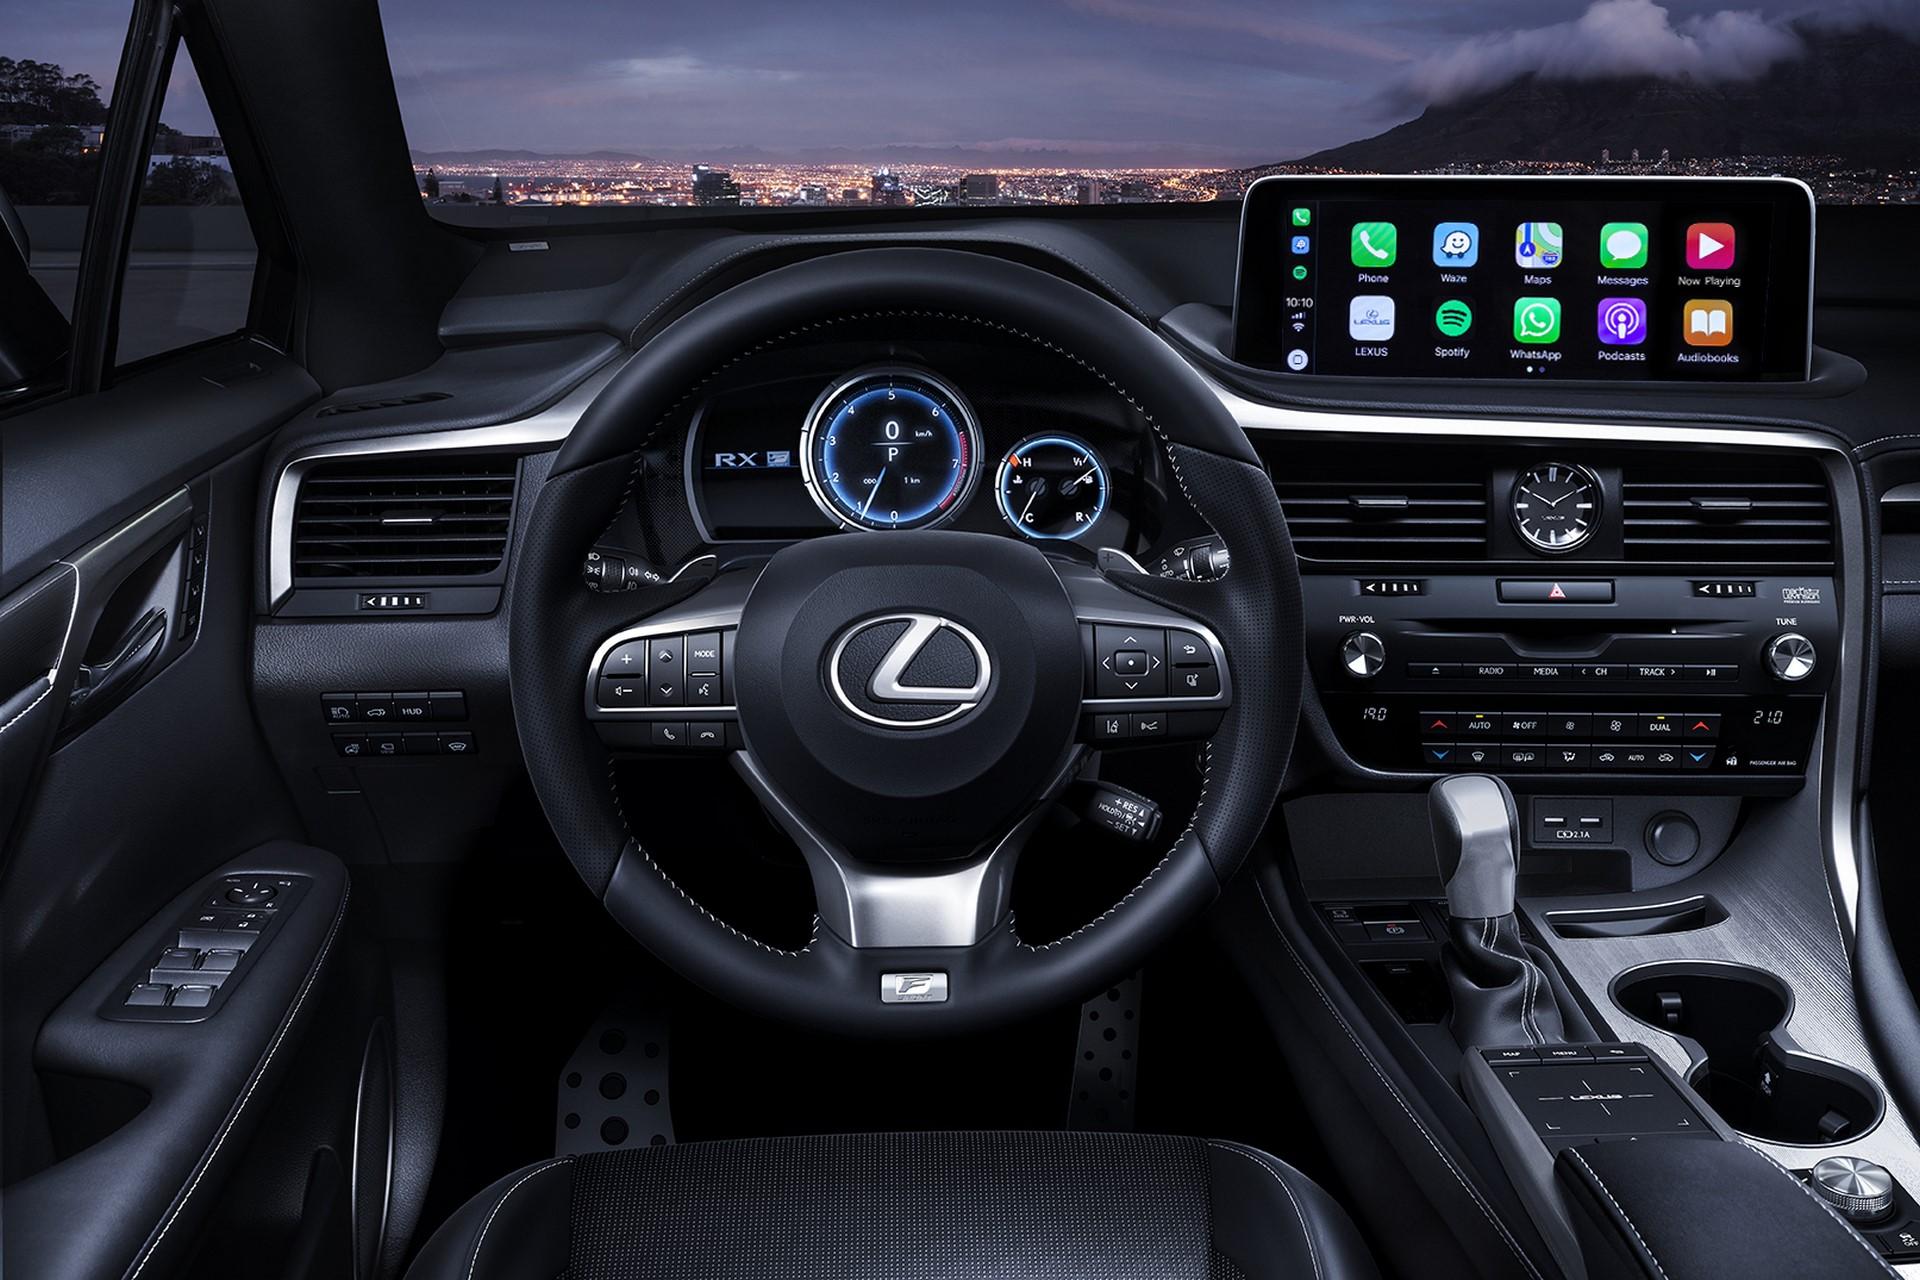 2020_Lexus_RX350_FSPORT_11_A40AEAA39E45546DE28856D2752336464BDD2825